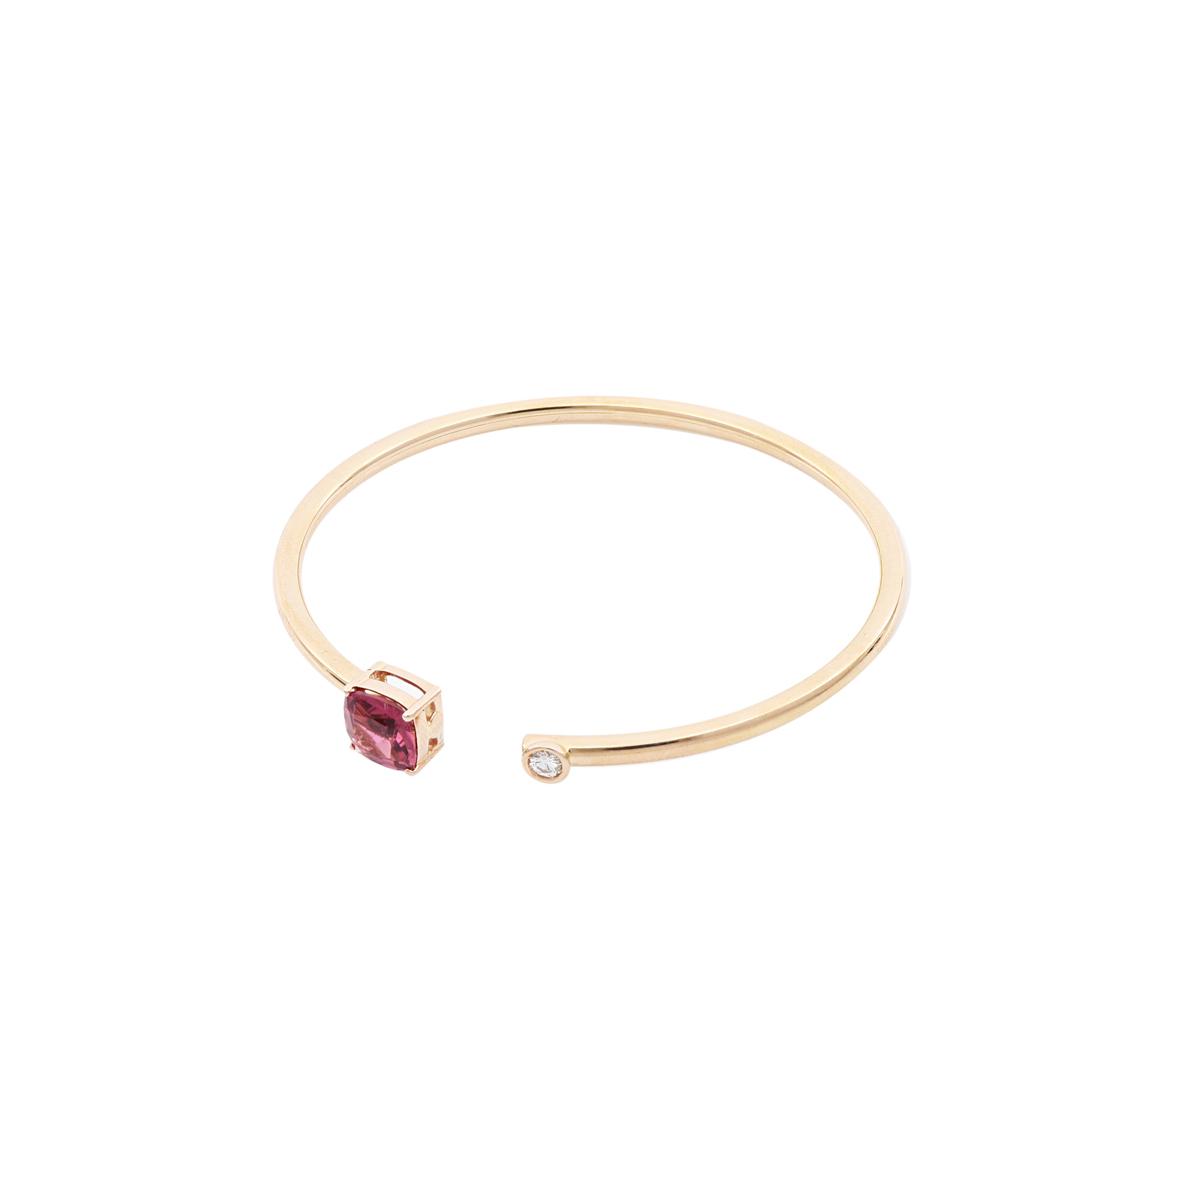 Pink Tourmaline Open-Cuff Bangle Bracelet